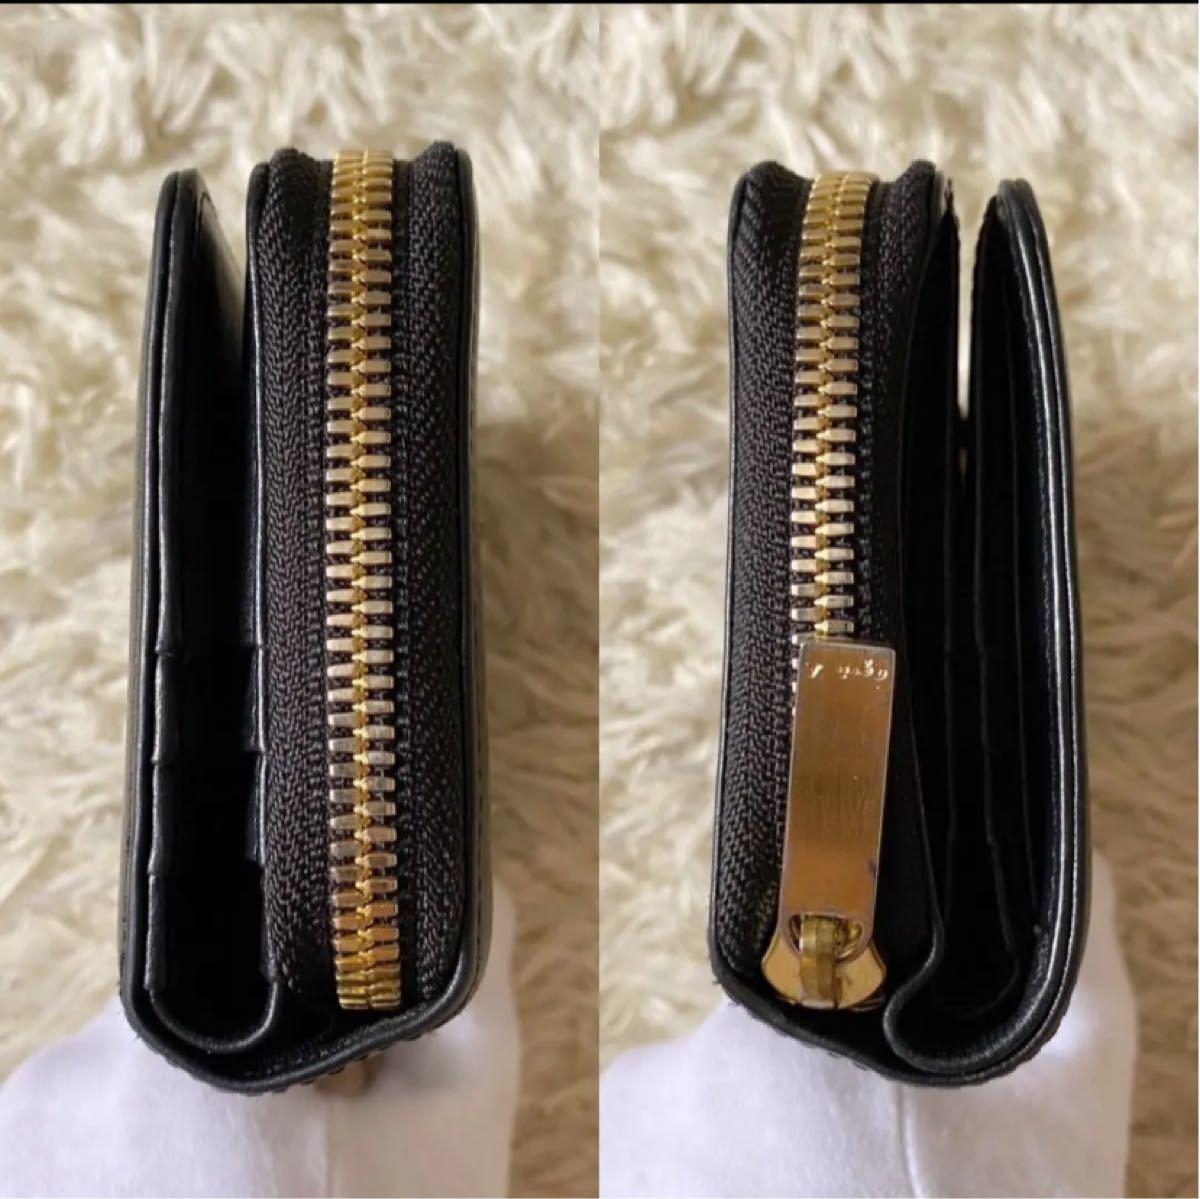 agnes b. アニエスベー ボヤージュ 二つ折り財布 ウォレット コンパクト ゴールド ロゴ レザー ブラック 黒